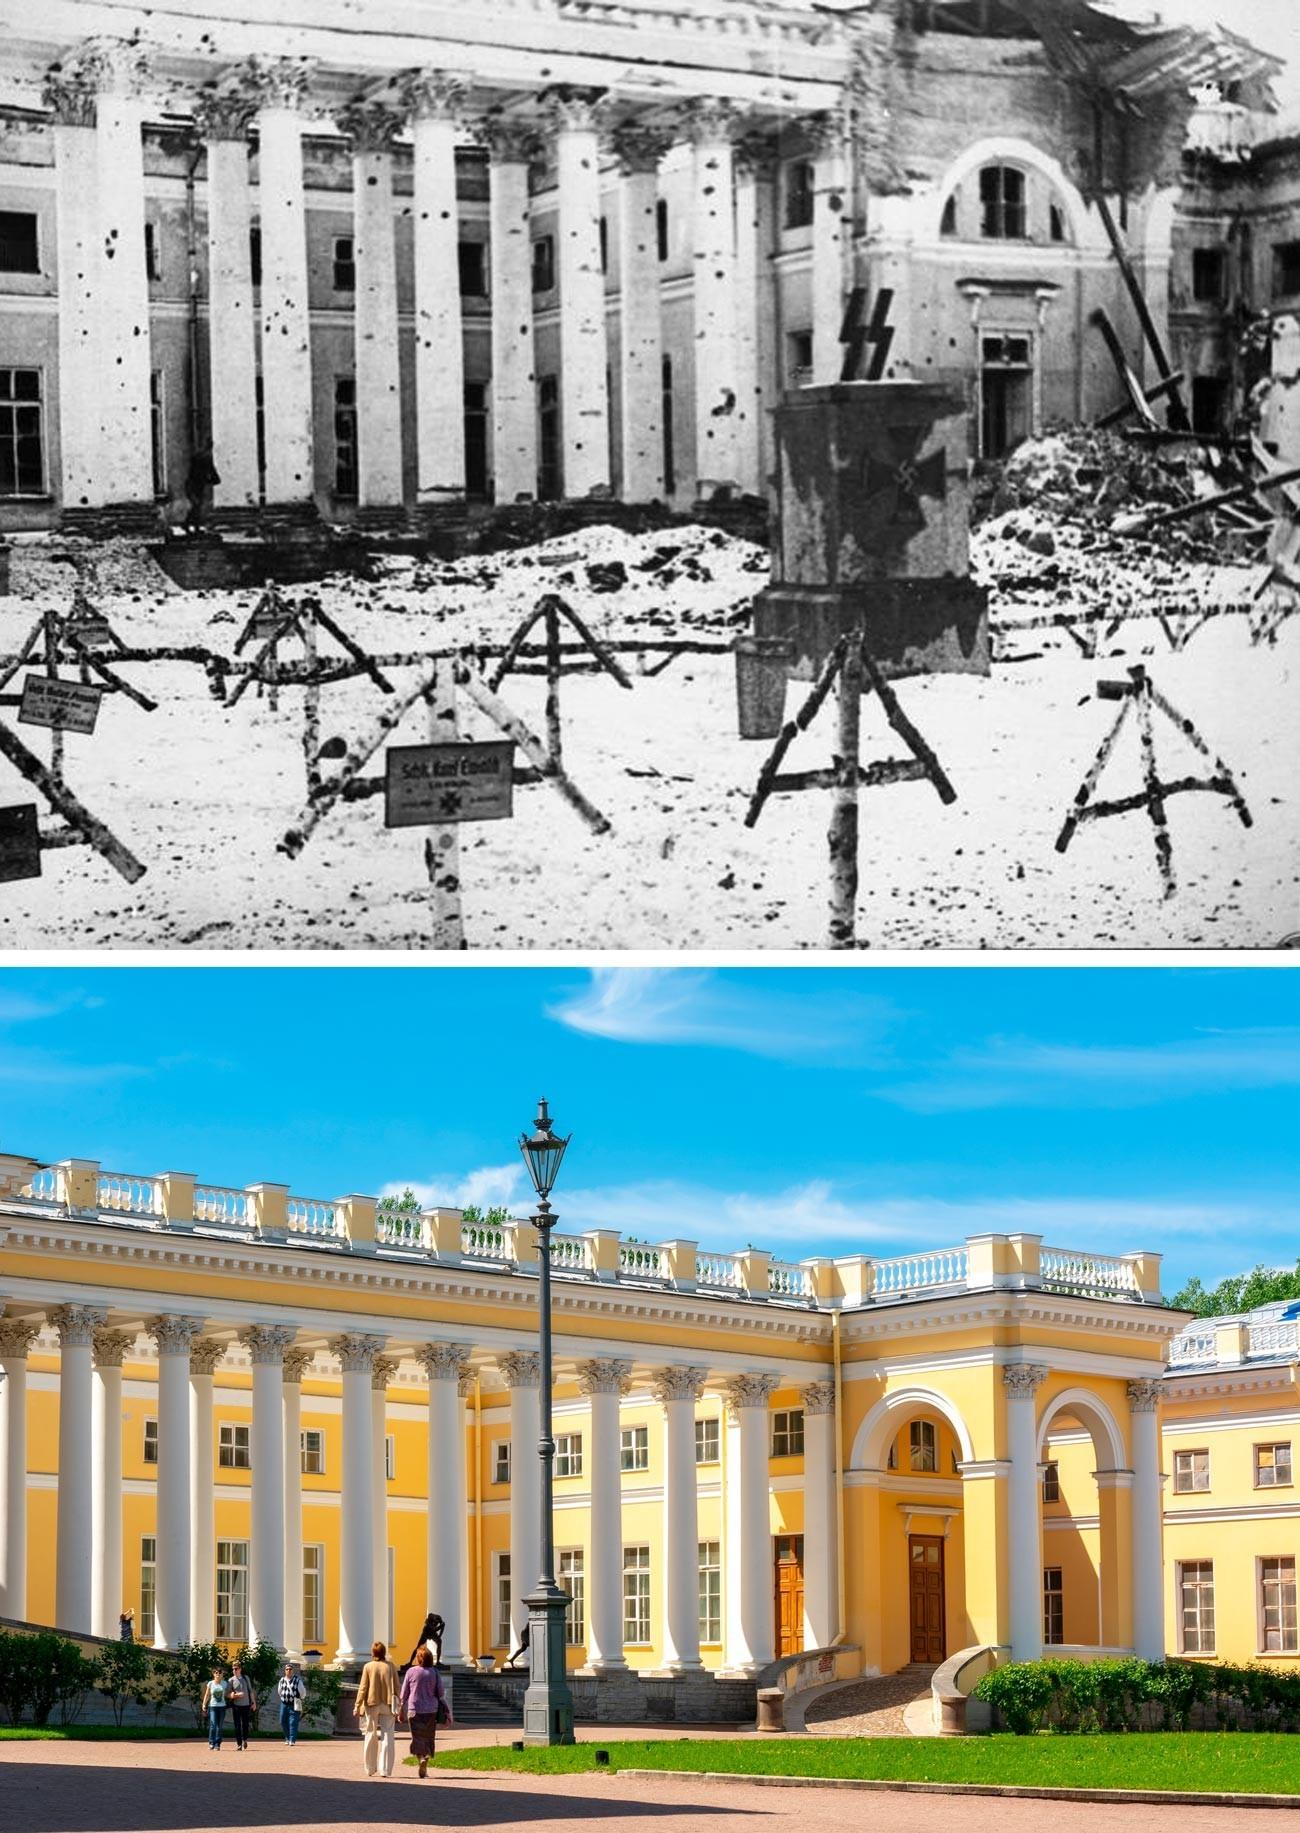 Os terrenos em frente ao Palácio de Alexandre em Tsárskoie Selô foram usados pelos alemães como cemitério